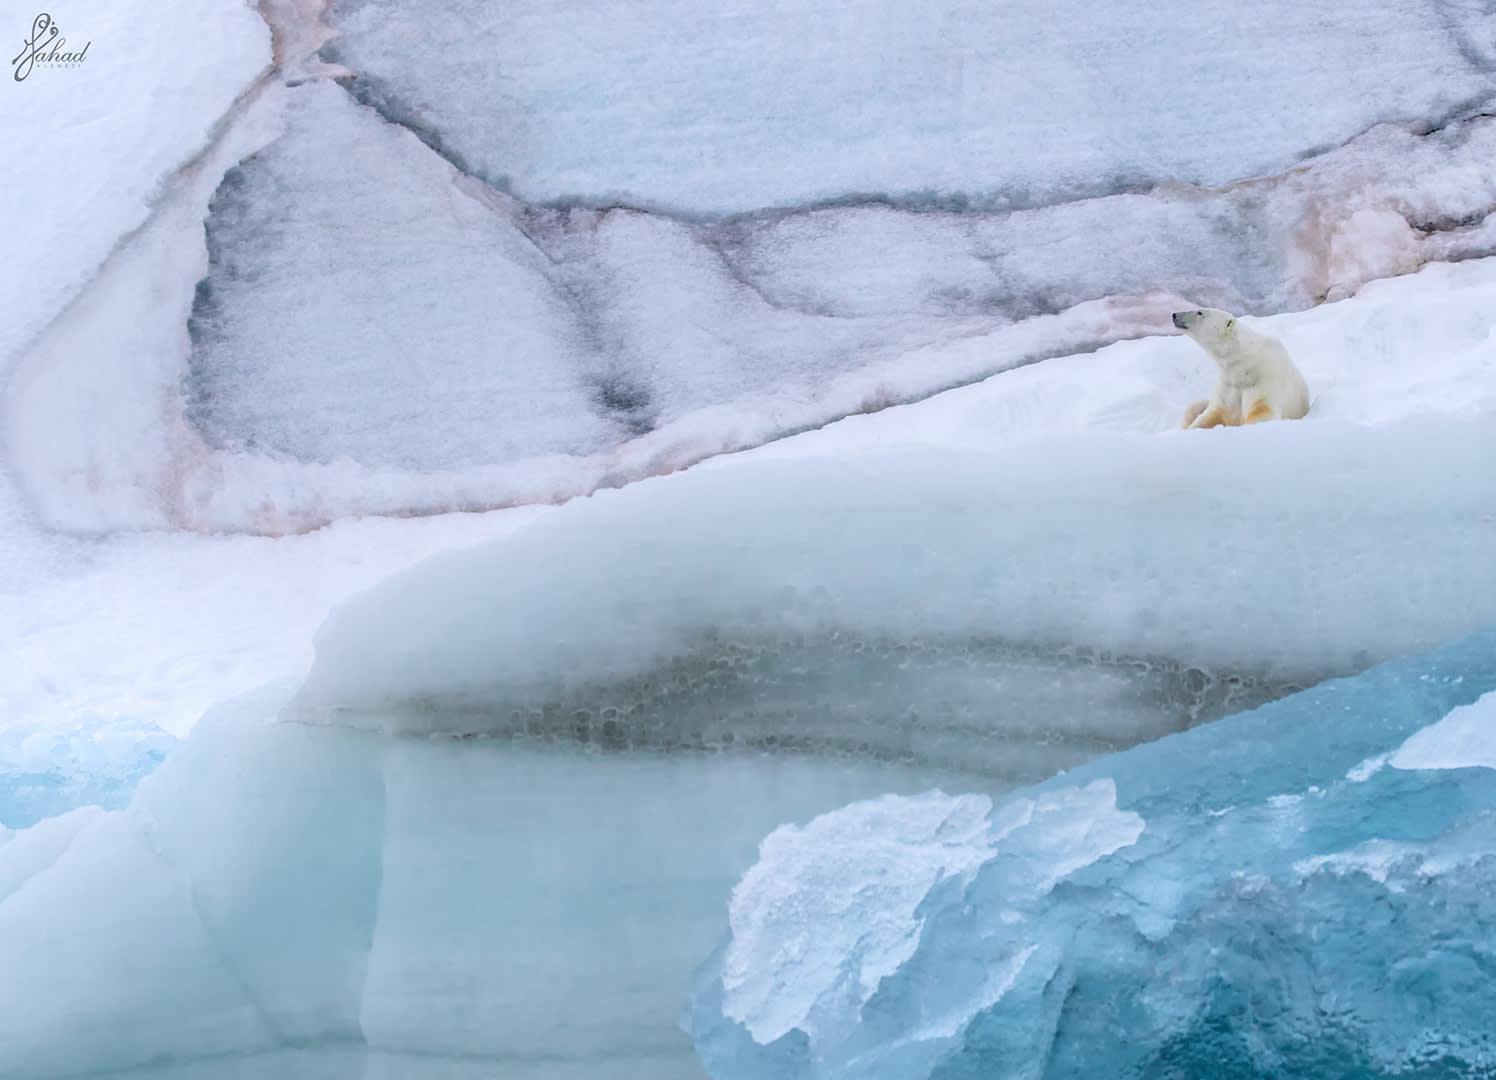 سفالبارد.. مدينة يتجاوز فيها عدد الدببة القطبية عدد السكان